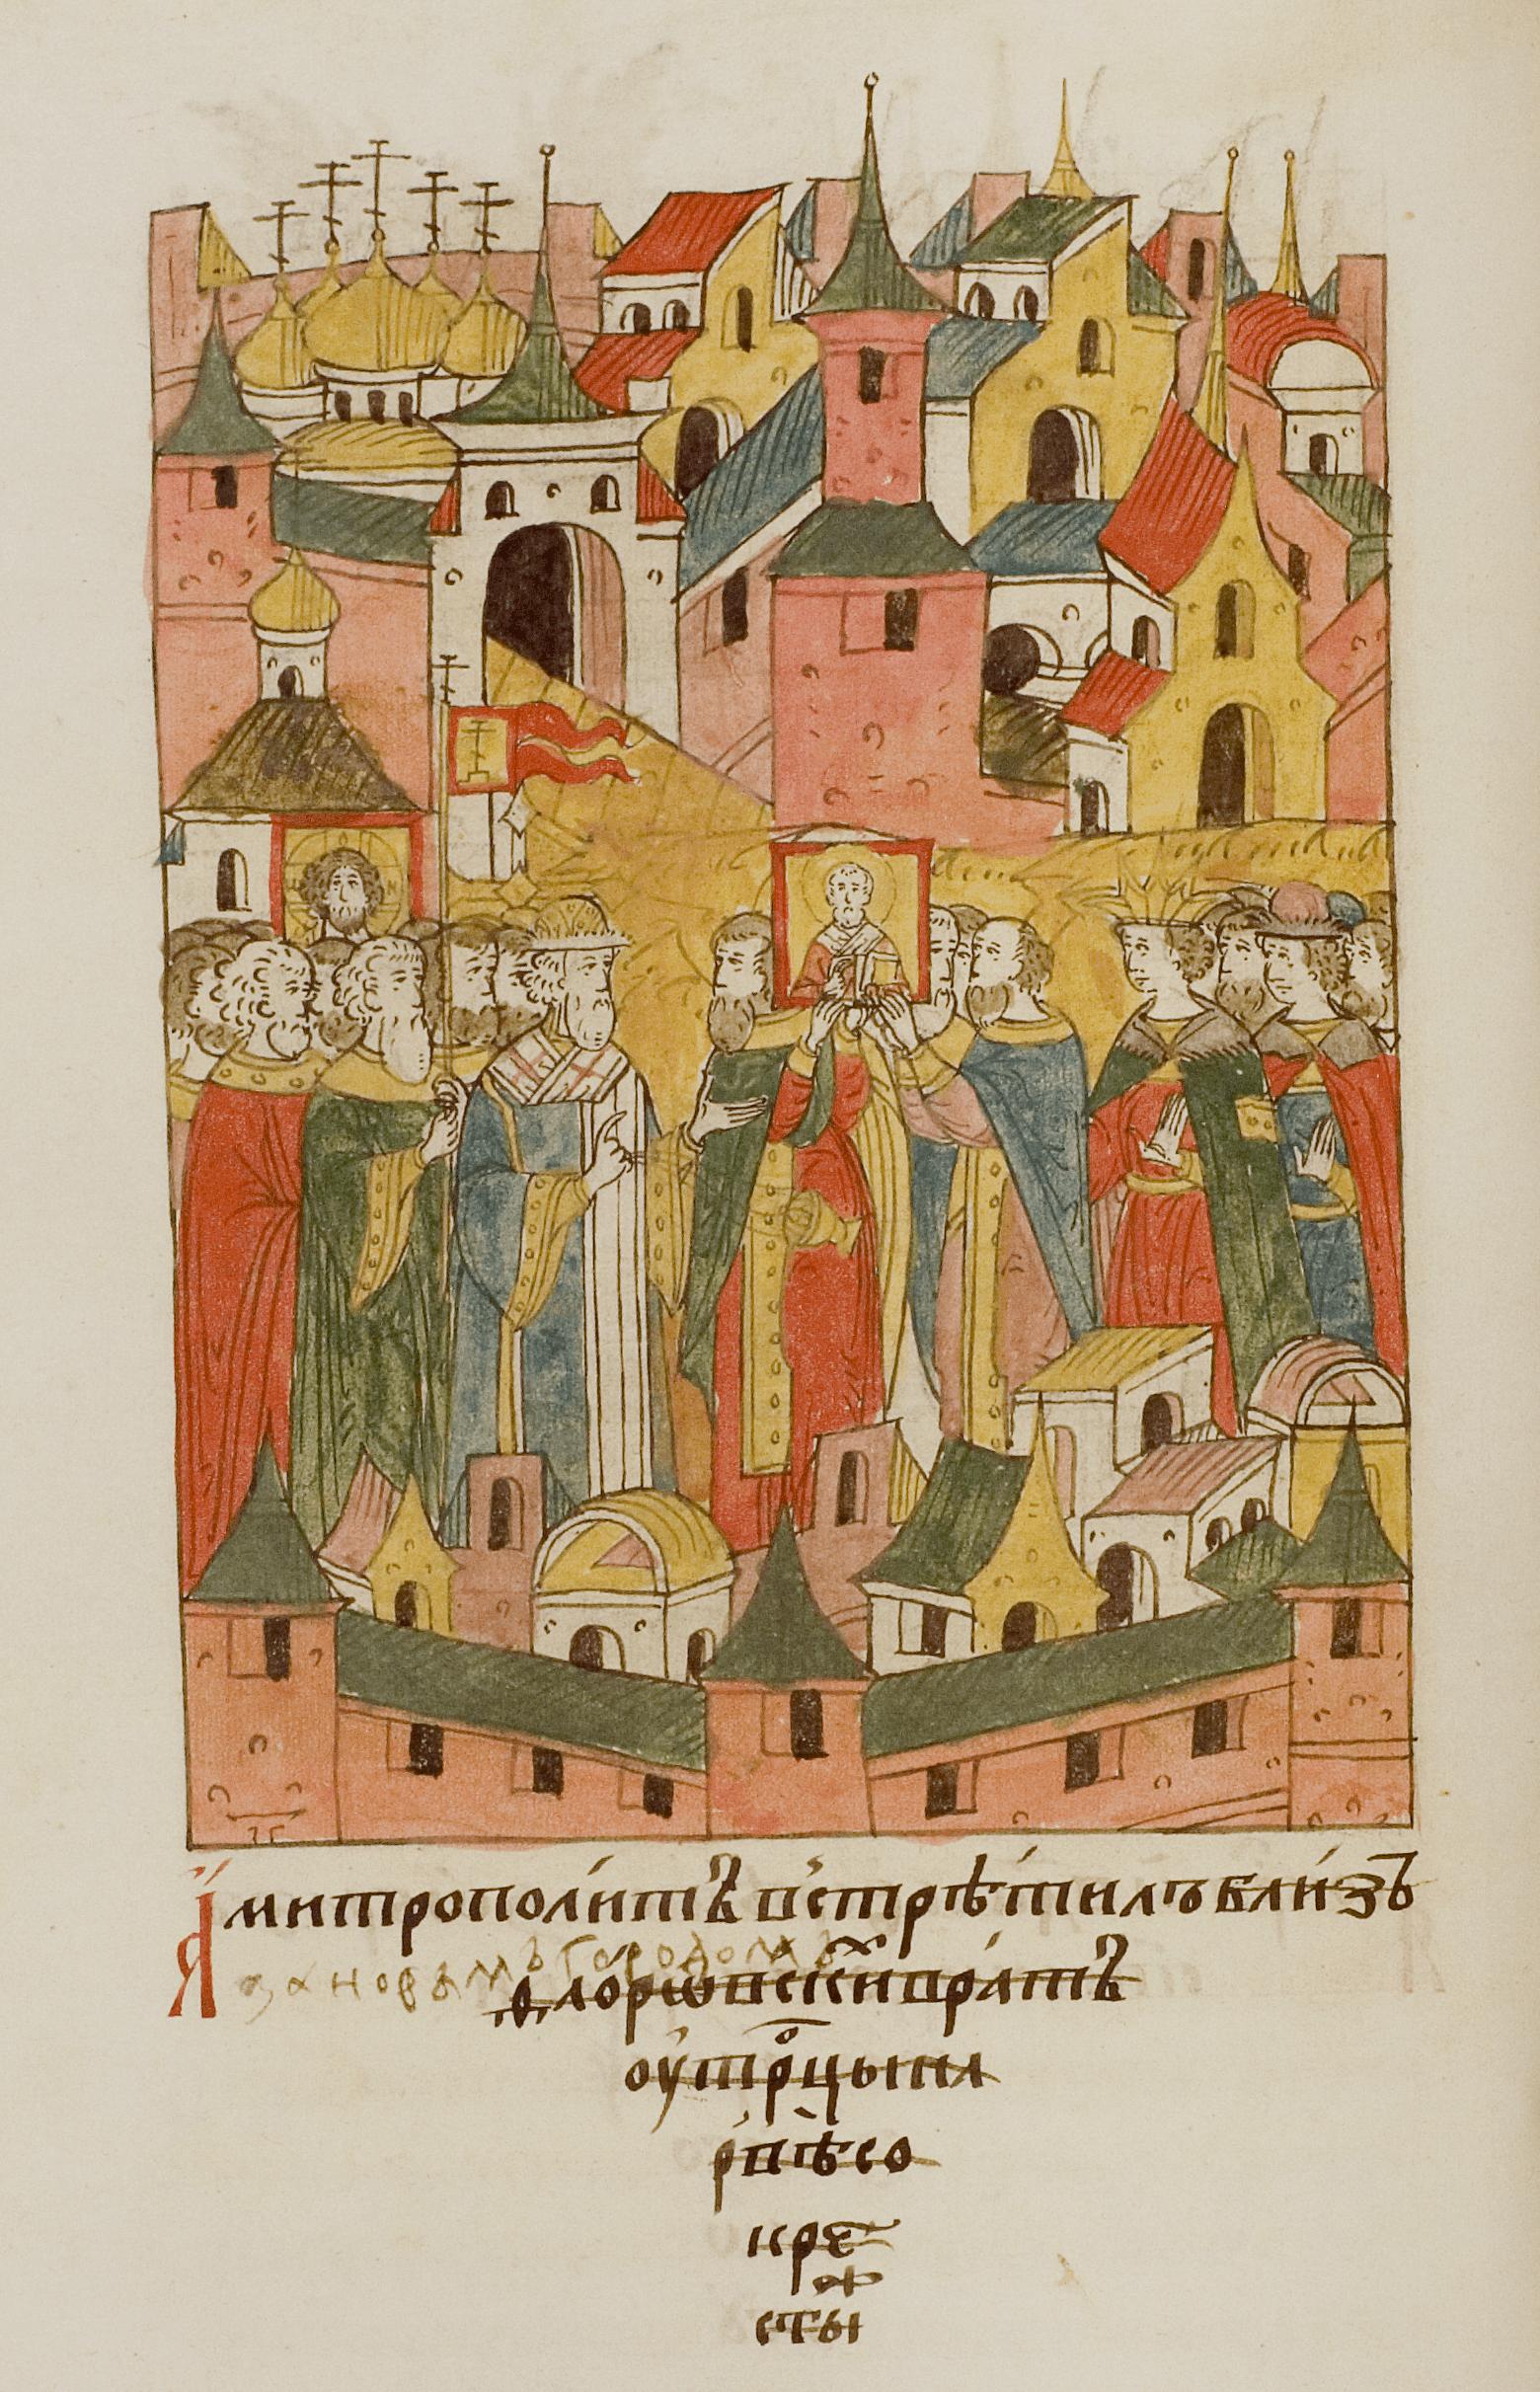 Встреча образа Николы Великорецкого близ Фроловских ворот, у Троицы на рву. Миниатюра Лицевого летописного свода.